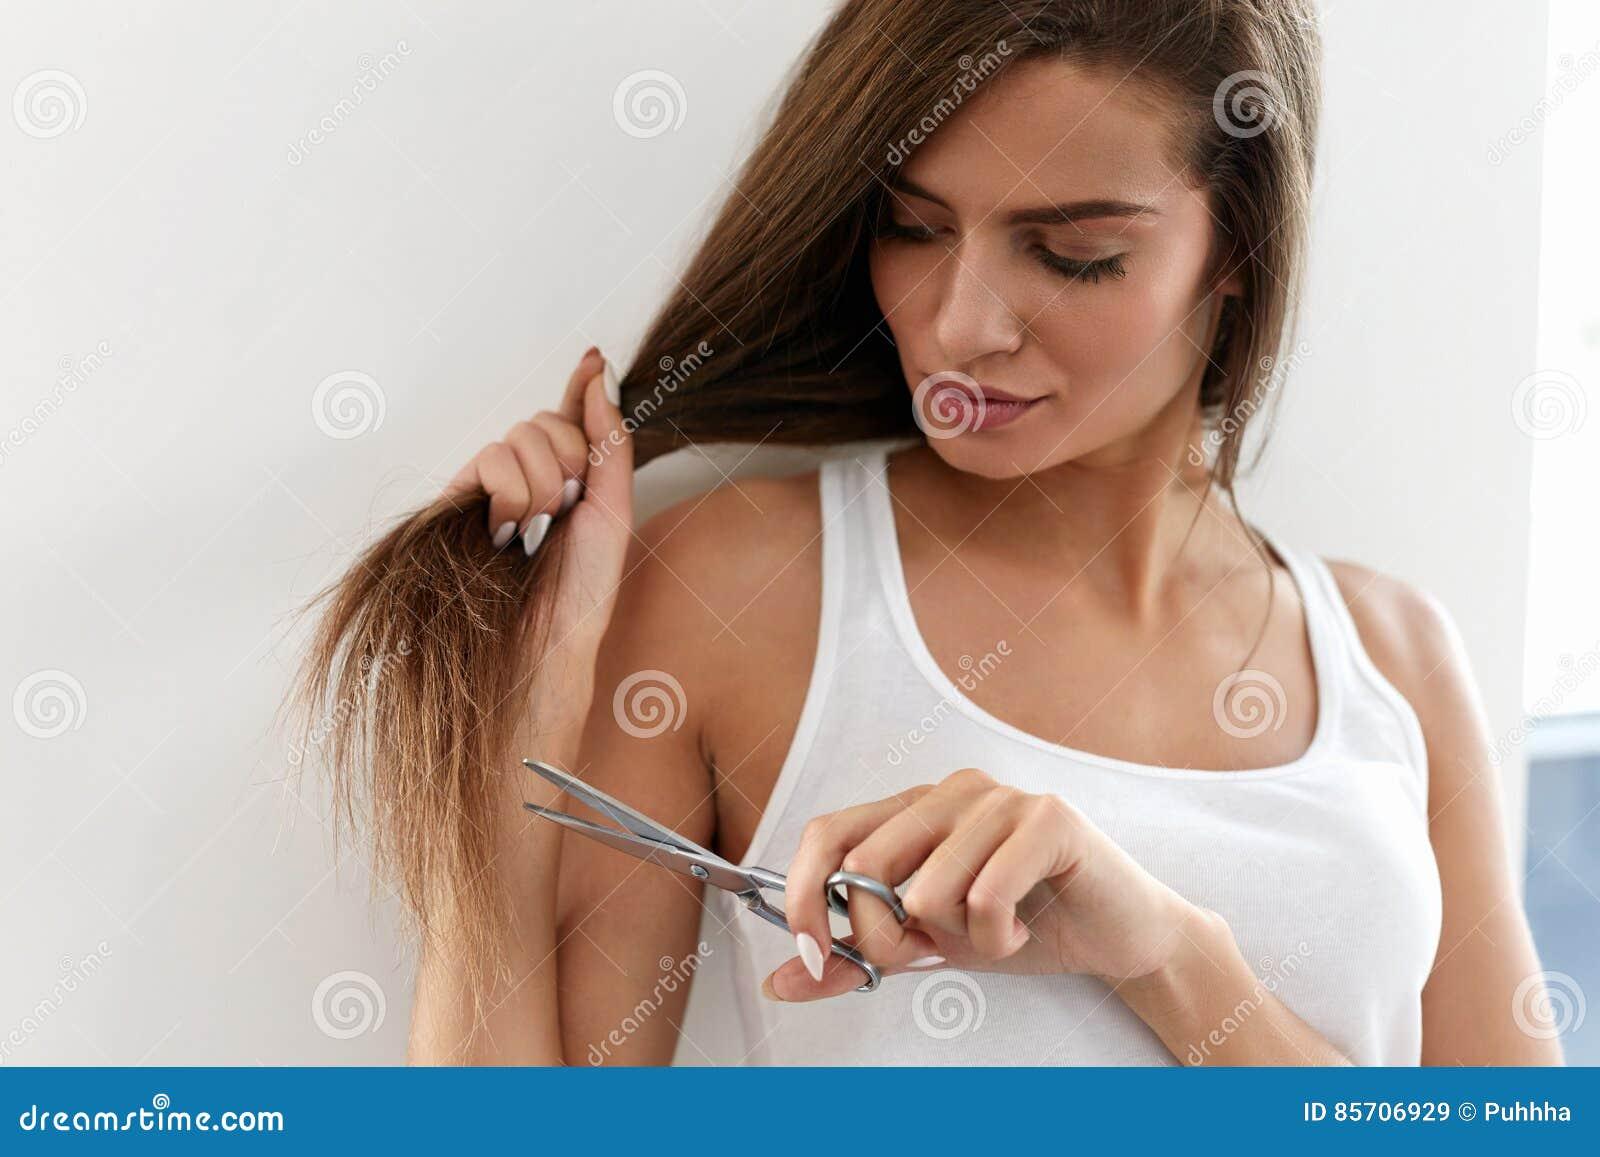 La belle femme coupe les pointes fourchues de longs cheveux avec des ciseaux